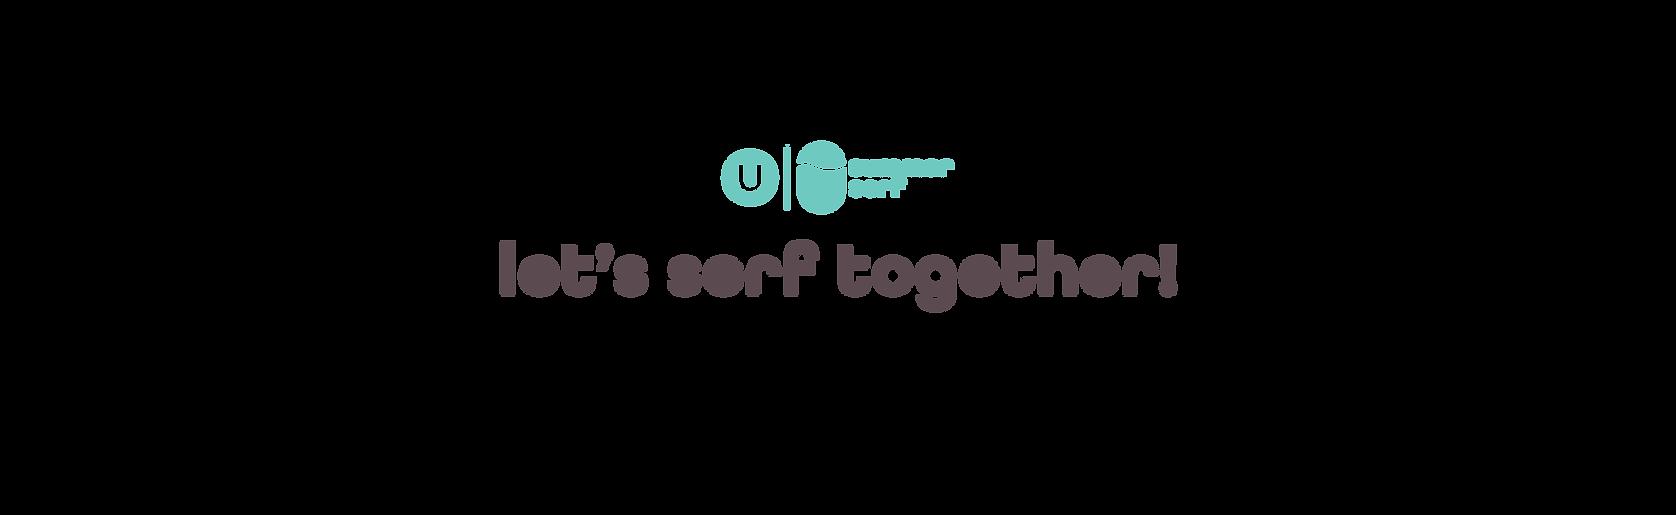 summer_serf_website_tagline_dark_transpa